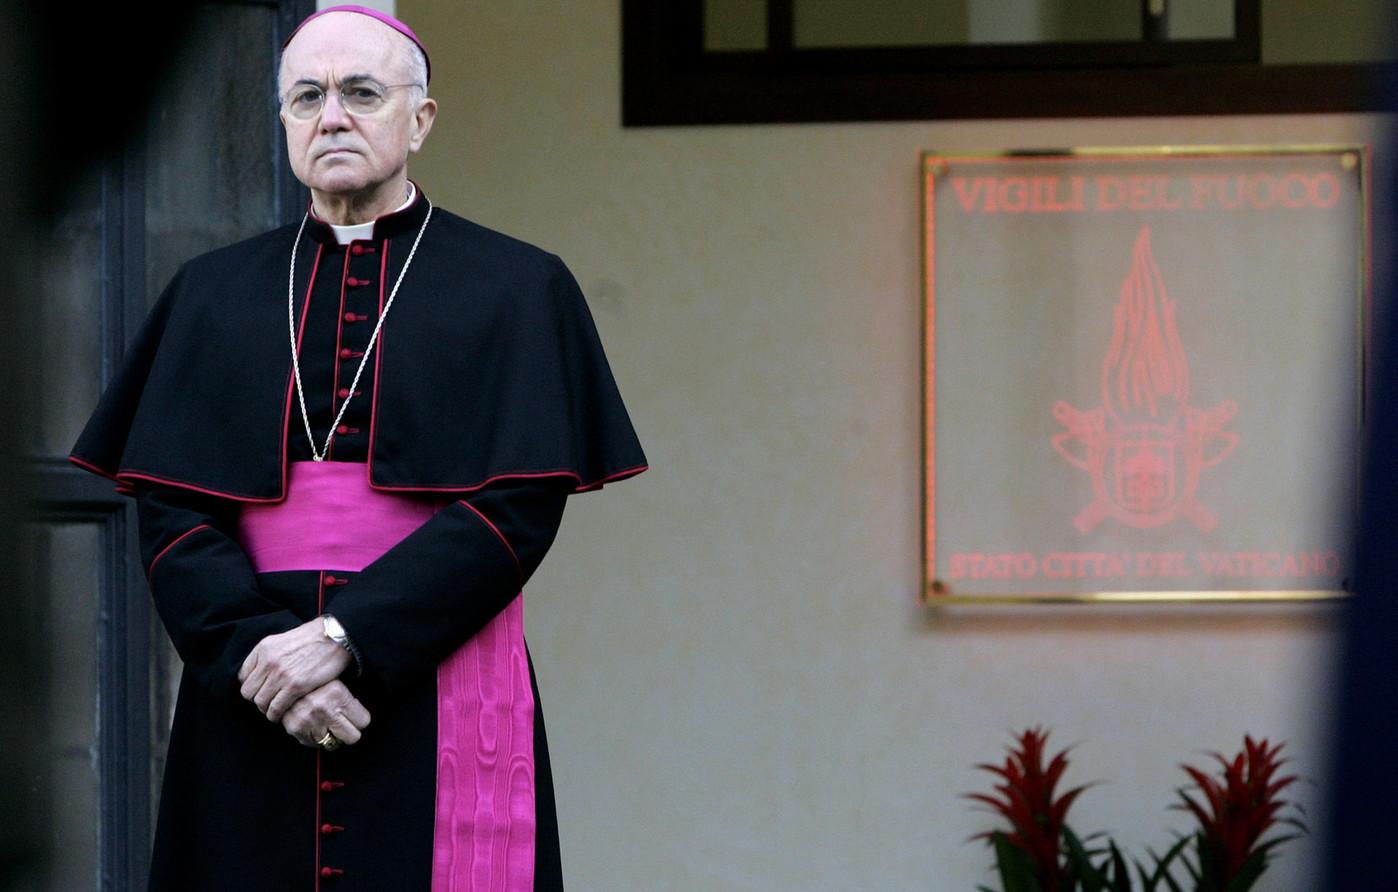 Cardinal McCarrick : le pape ne juge pas nécessaire de commenter les accusations